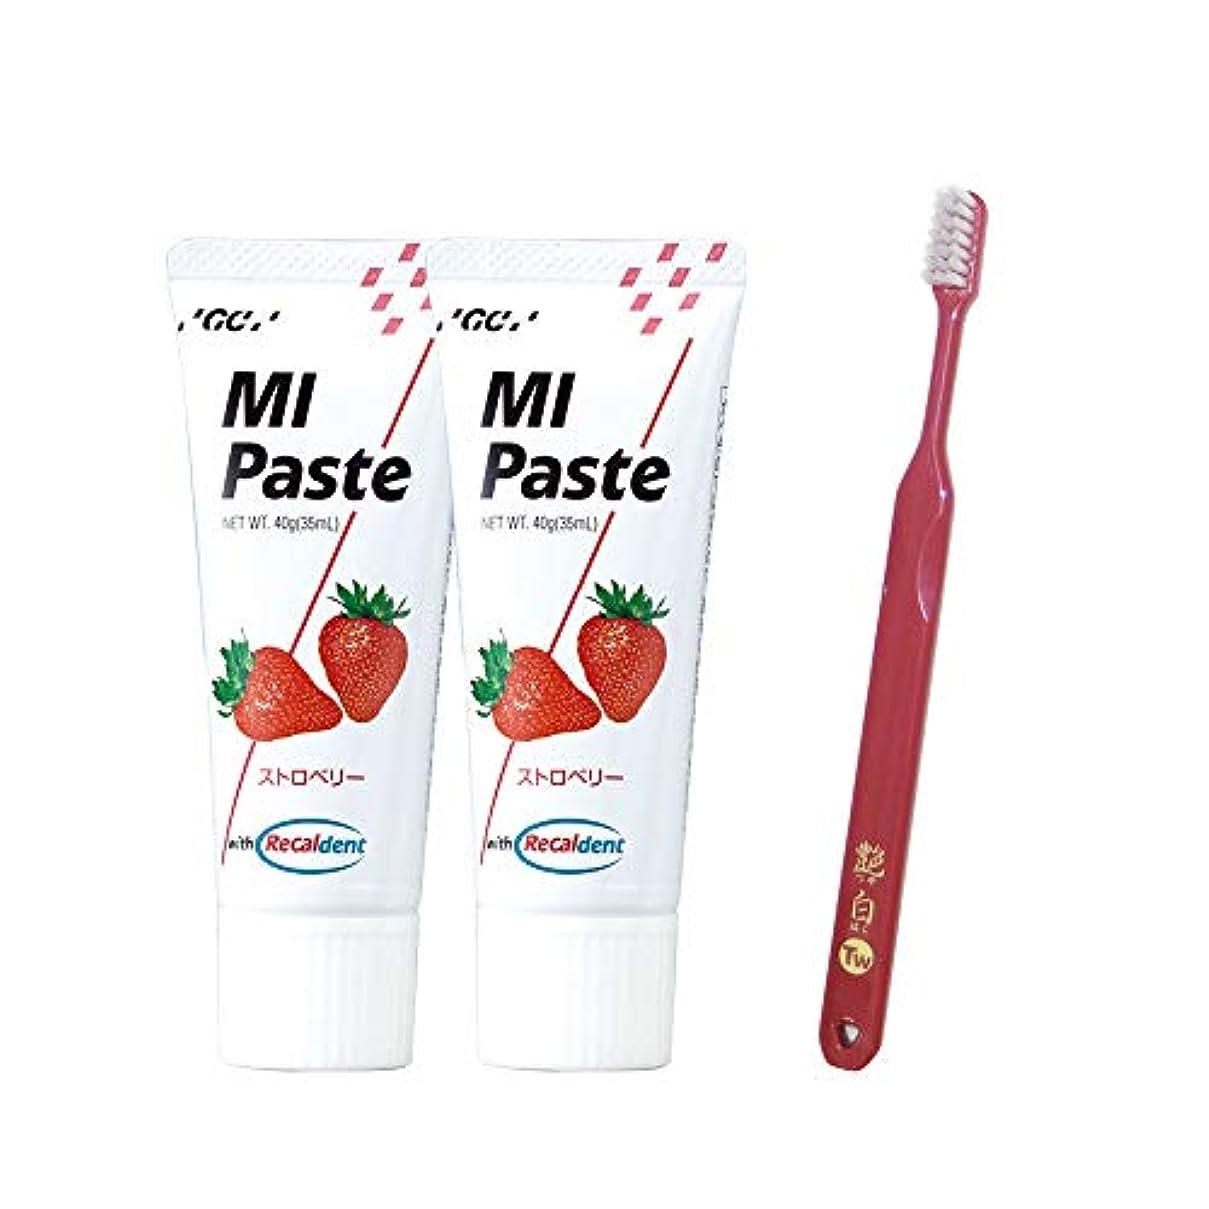 セマフォ質素な象GC MIペースト 40g × 2本セット いちご/ストロベリー+ 艶白(つやはく) Tw ツイン(二段植毛) 歯ブラシ×1本 MS(やややわらかめ) 歯科専売品